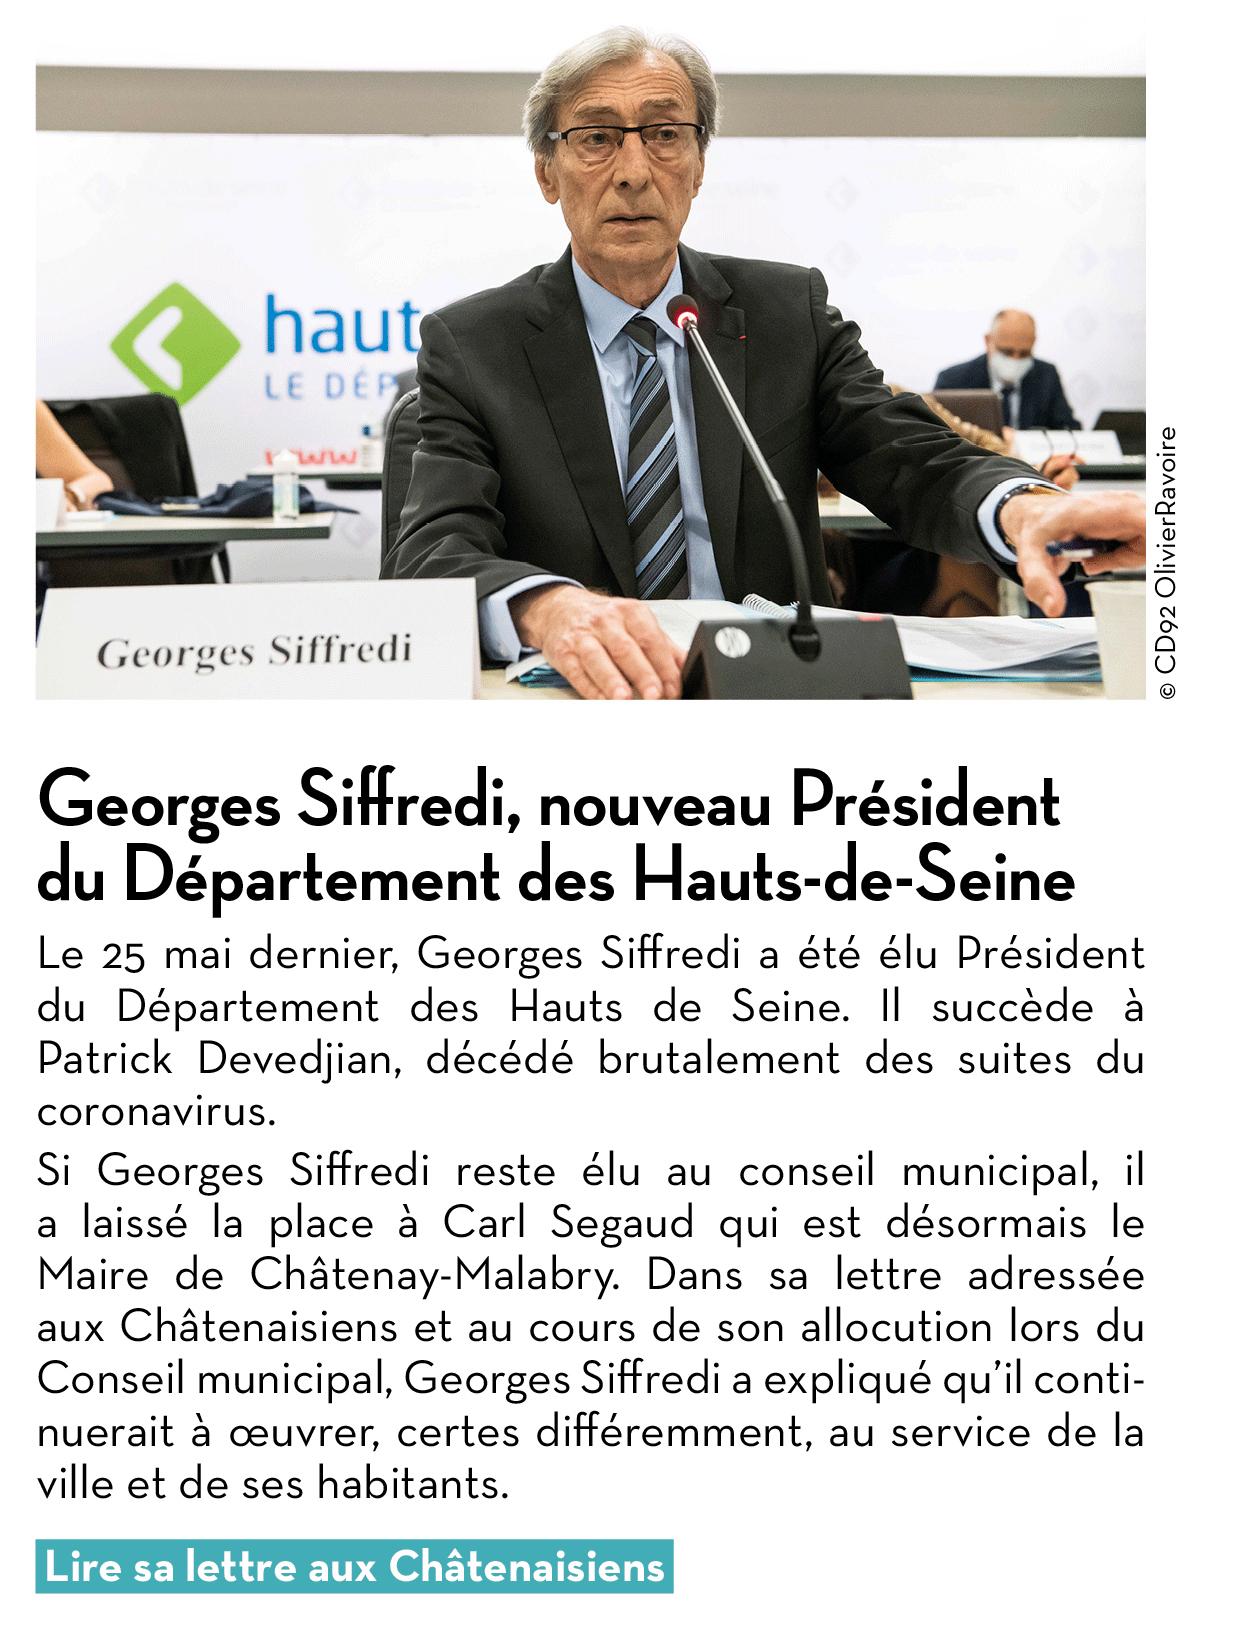 Georges Siffredi, nouveau Président du Département des Hauts-de-Seine